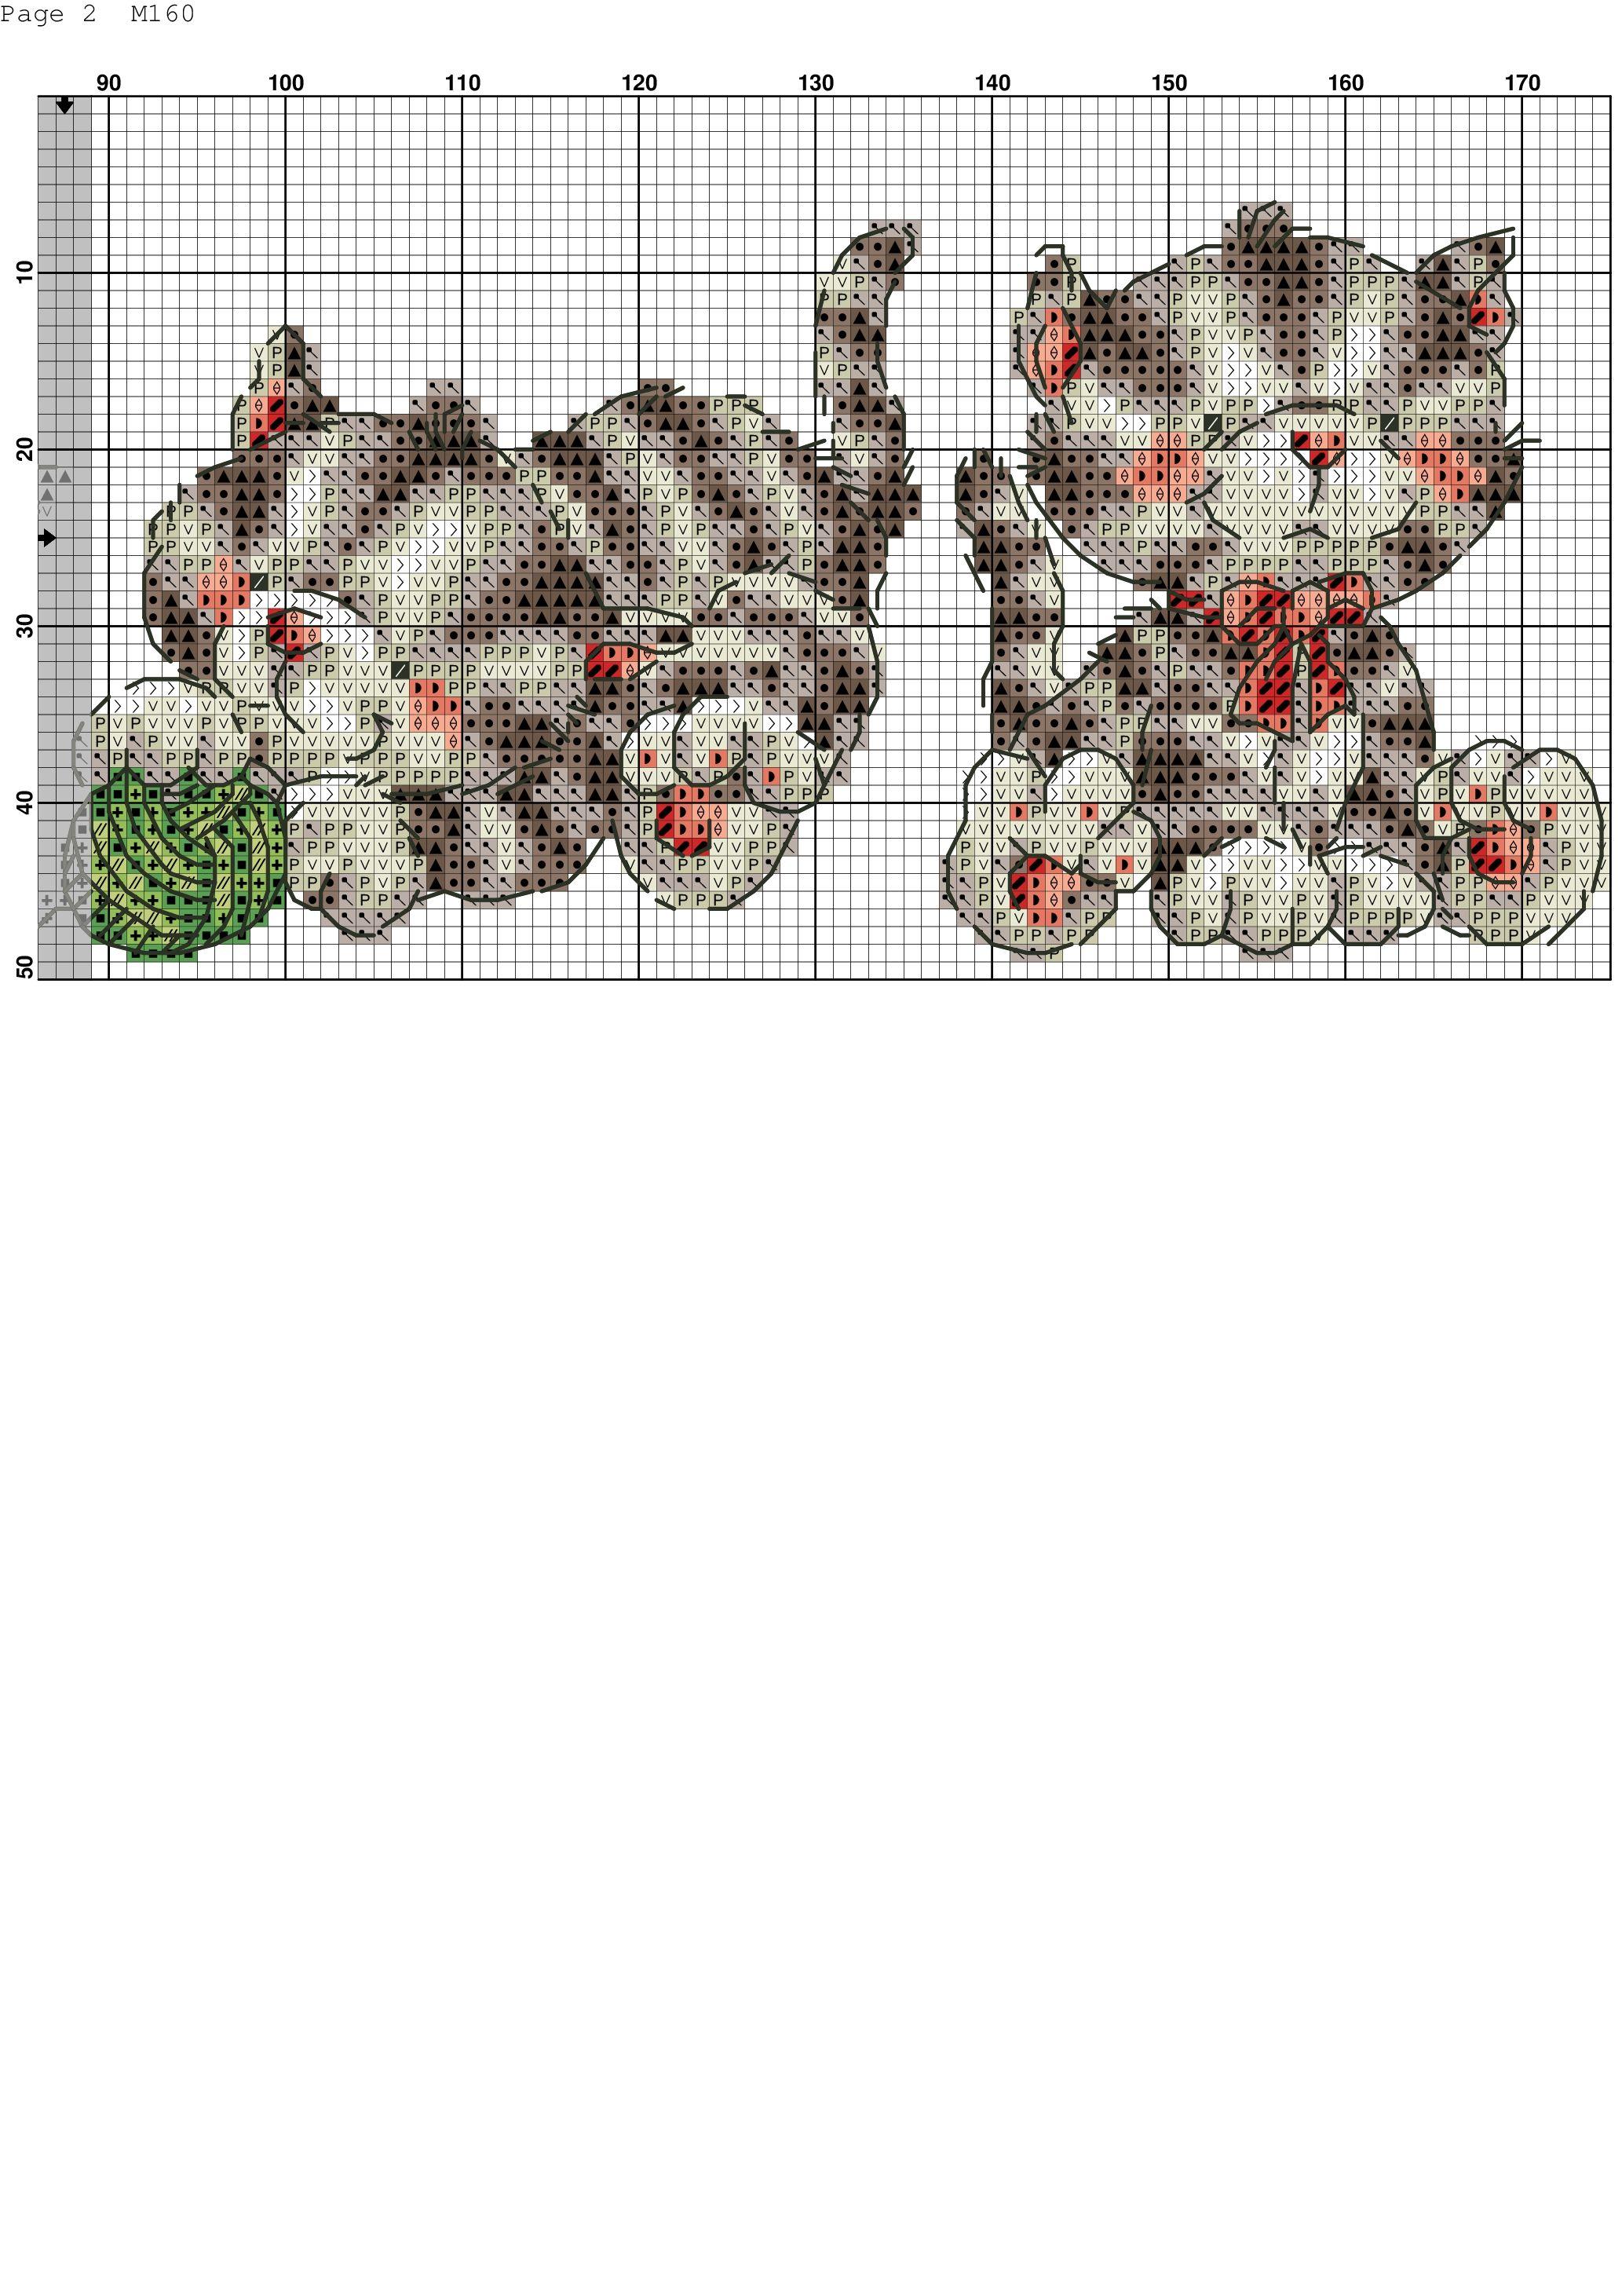 Pin de Friolo Silvia en Bimbi | Pinterest | Punto de cruz, Puntos y Gato